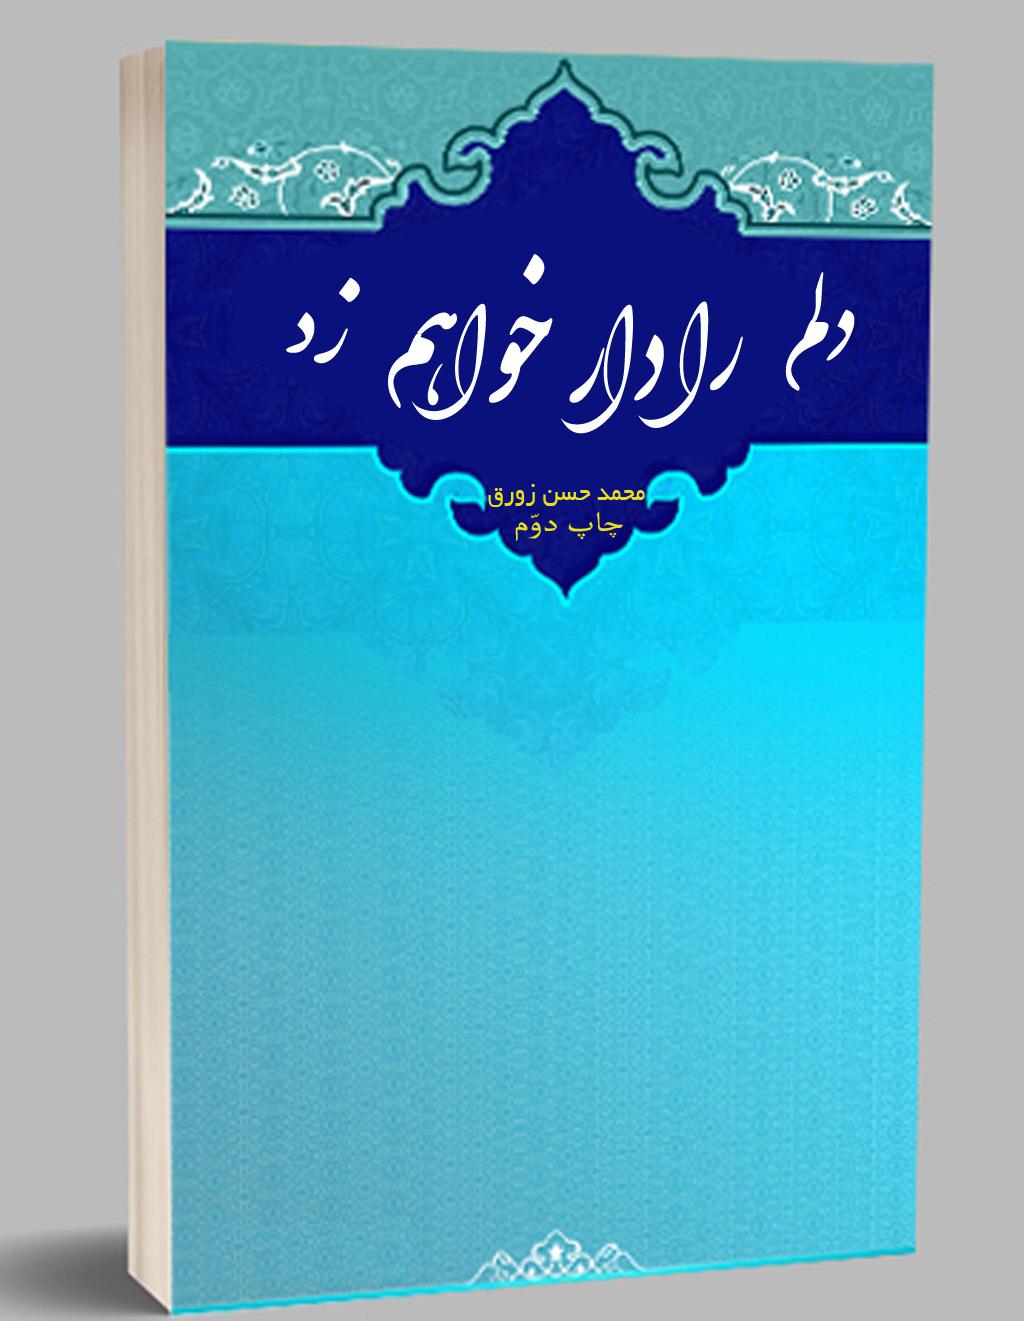 Delam_ra_dar_khaham_zad